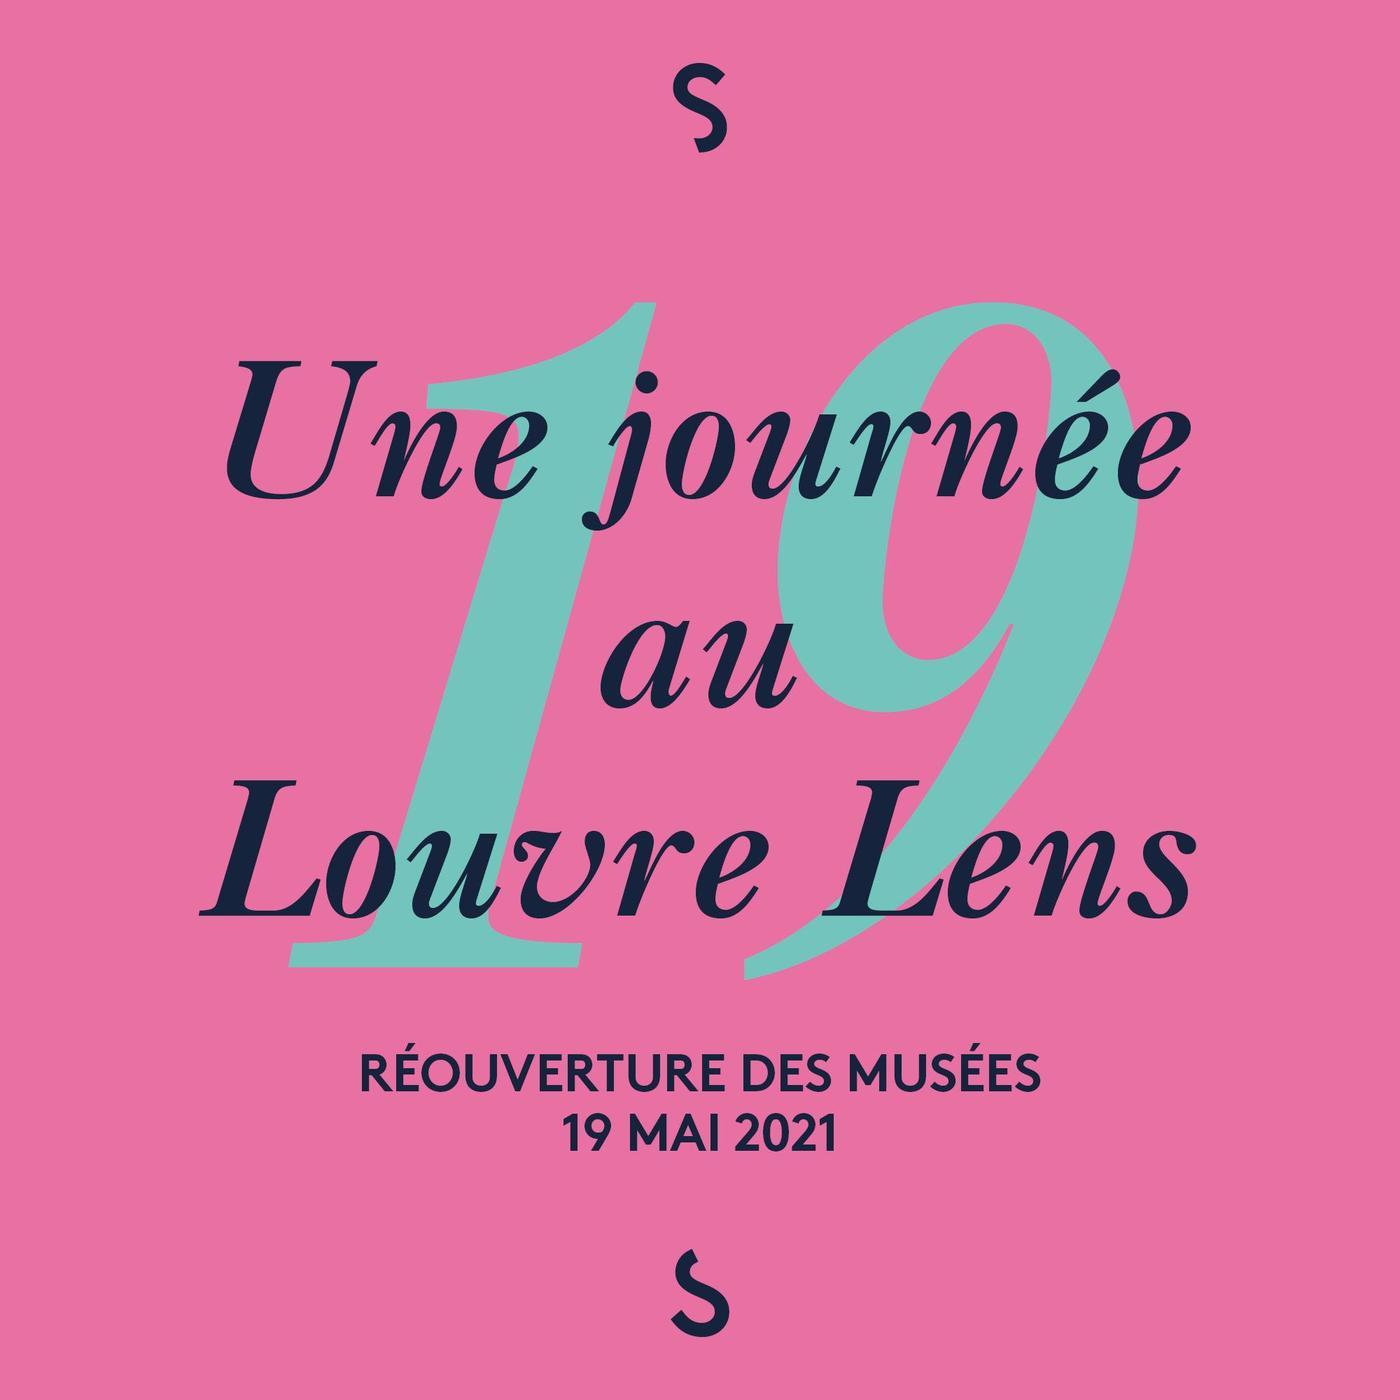 Une journée au Louvre Lens